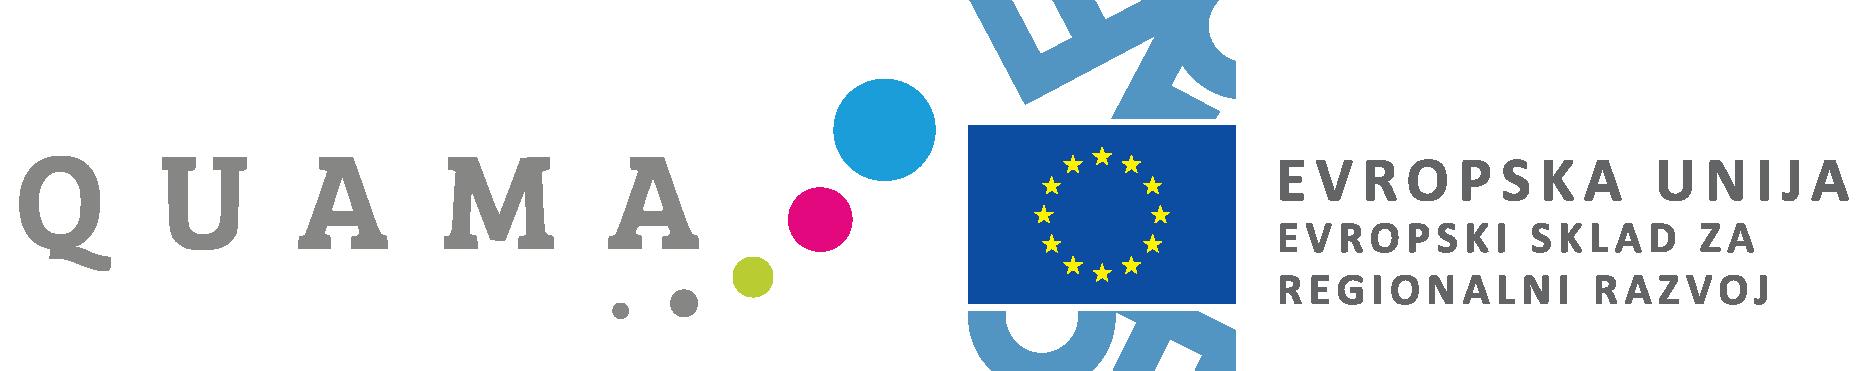 quama logo evropska unija